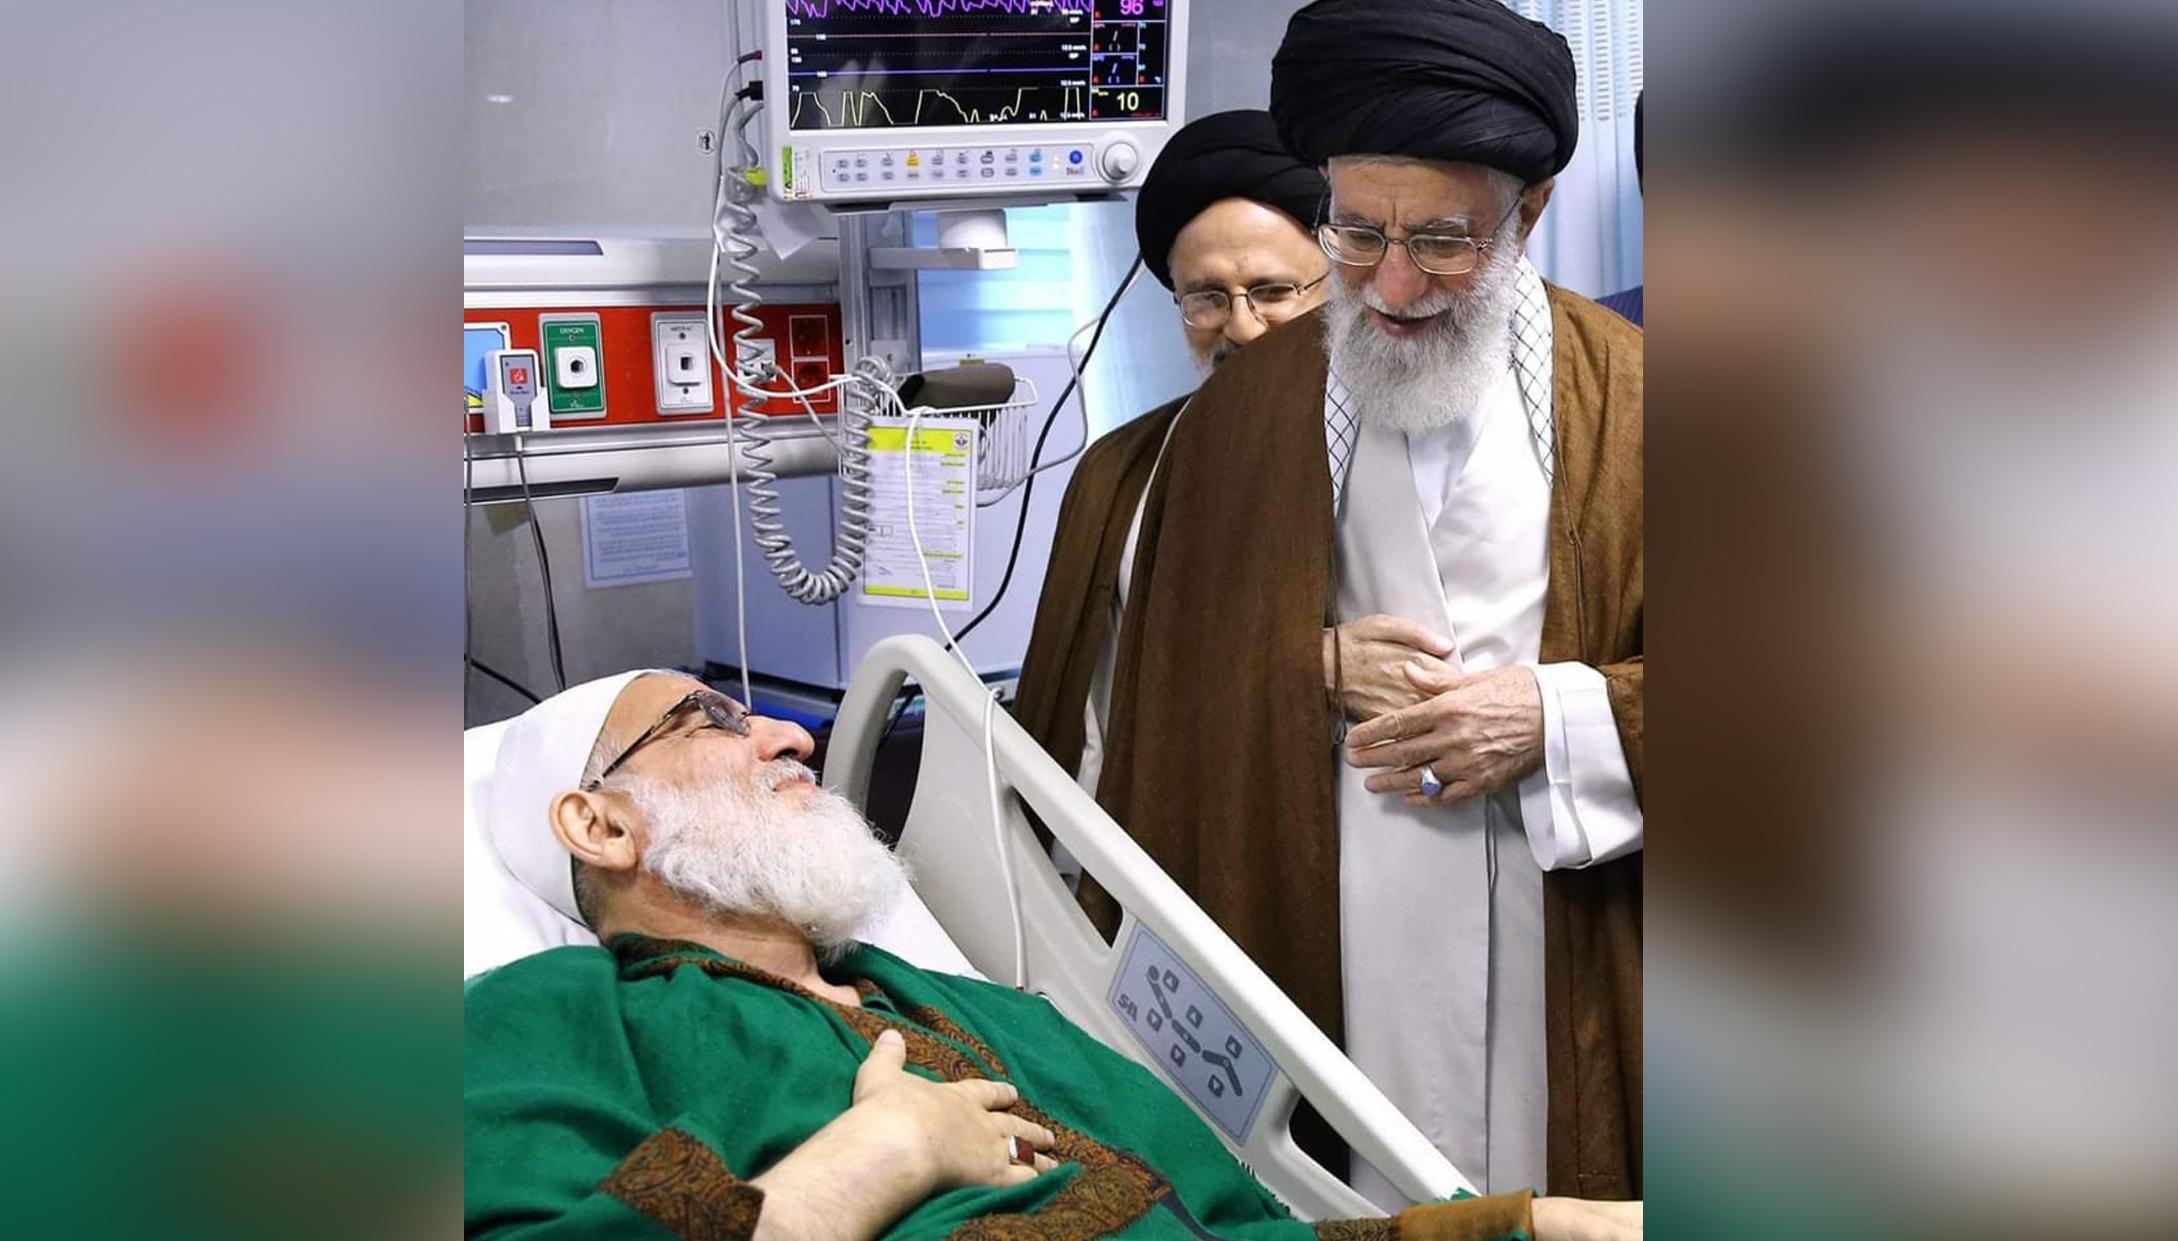 الامام الخامنئي ينعى رئيس مصلحة تشخيص النظام آية الله السيد محمود الشاهرودي